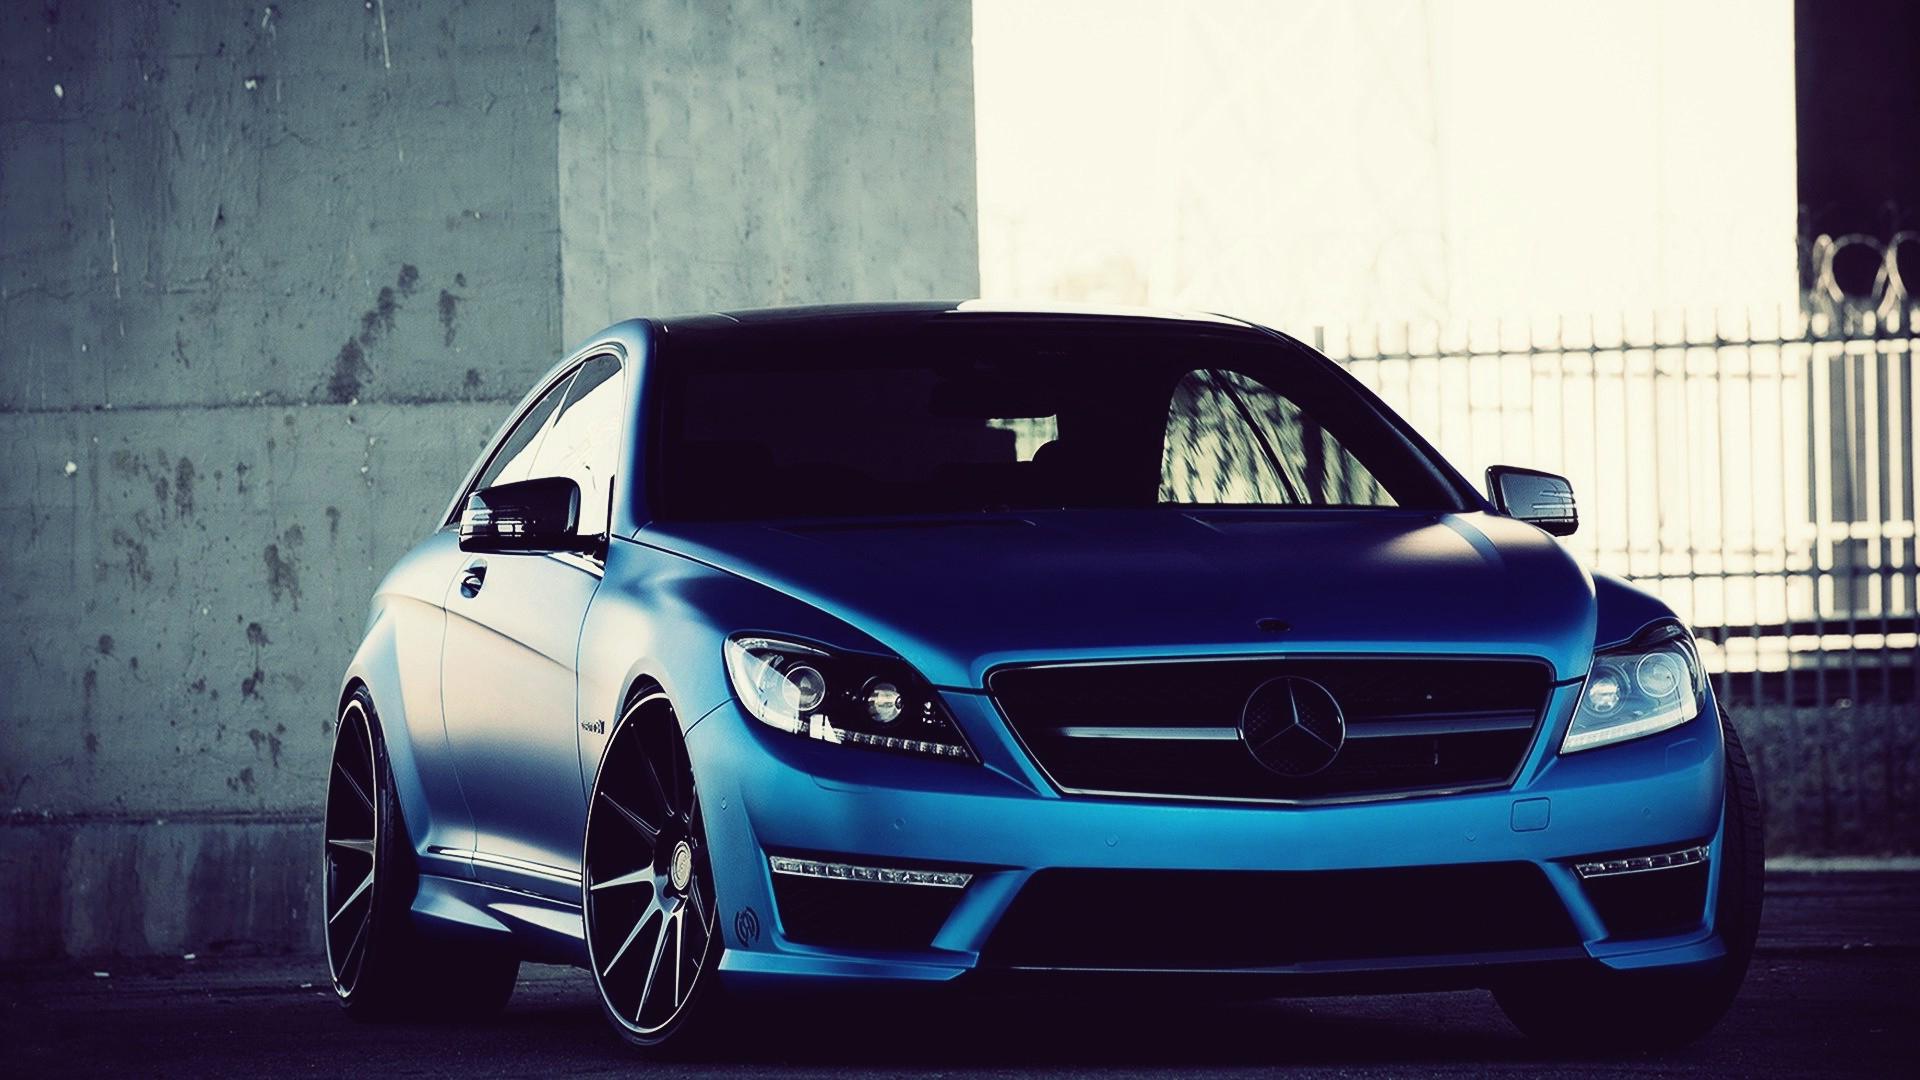 Blue Car Hd 32612 1920x1080px